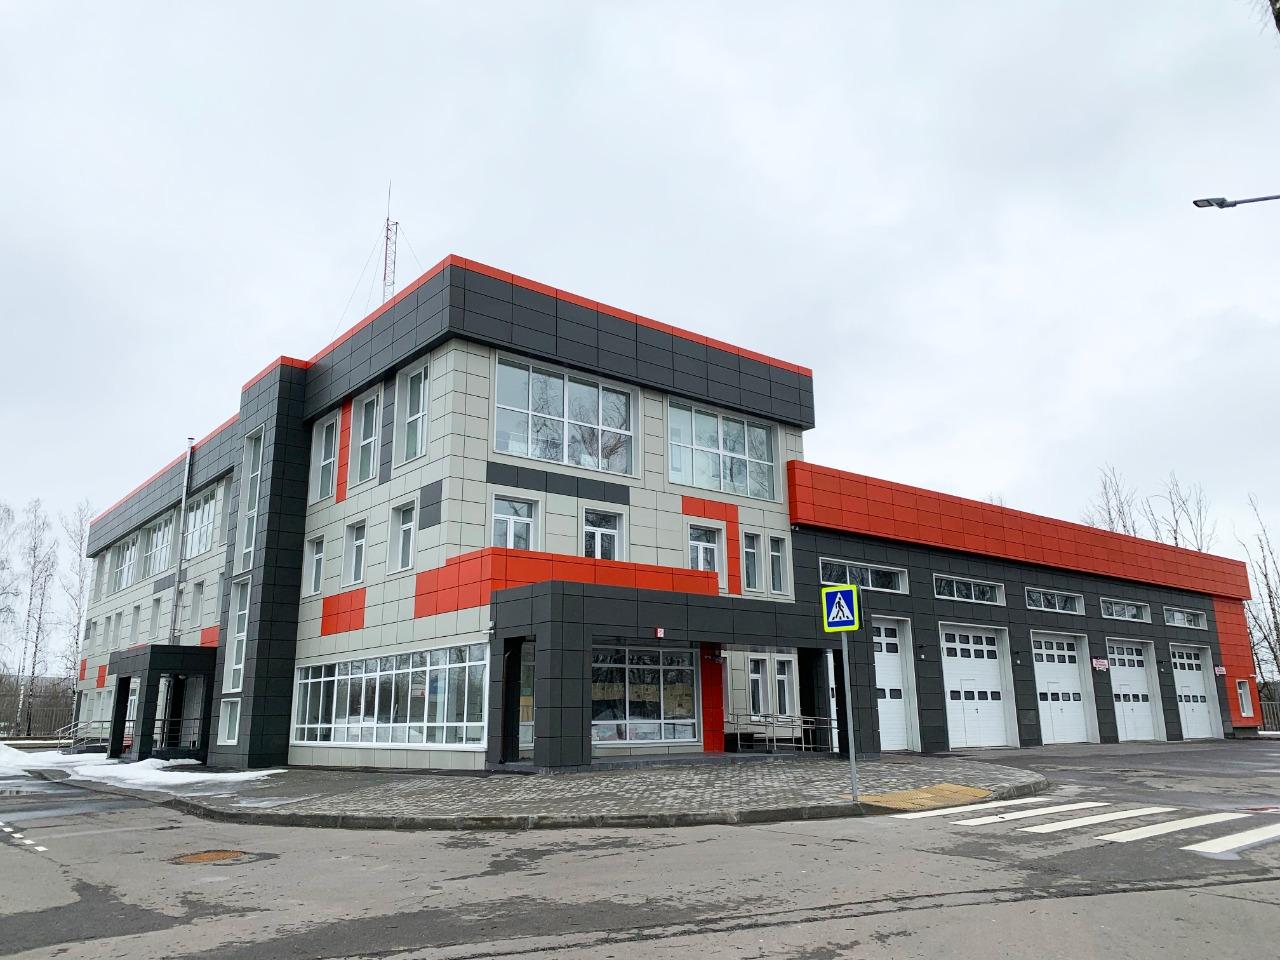 Дмитрий Саблин: Пожарное депо в Марушкинском получило разрешение на ввод в эксплуатацию. Фото: Александр Кейзеров